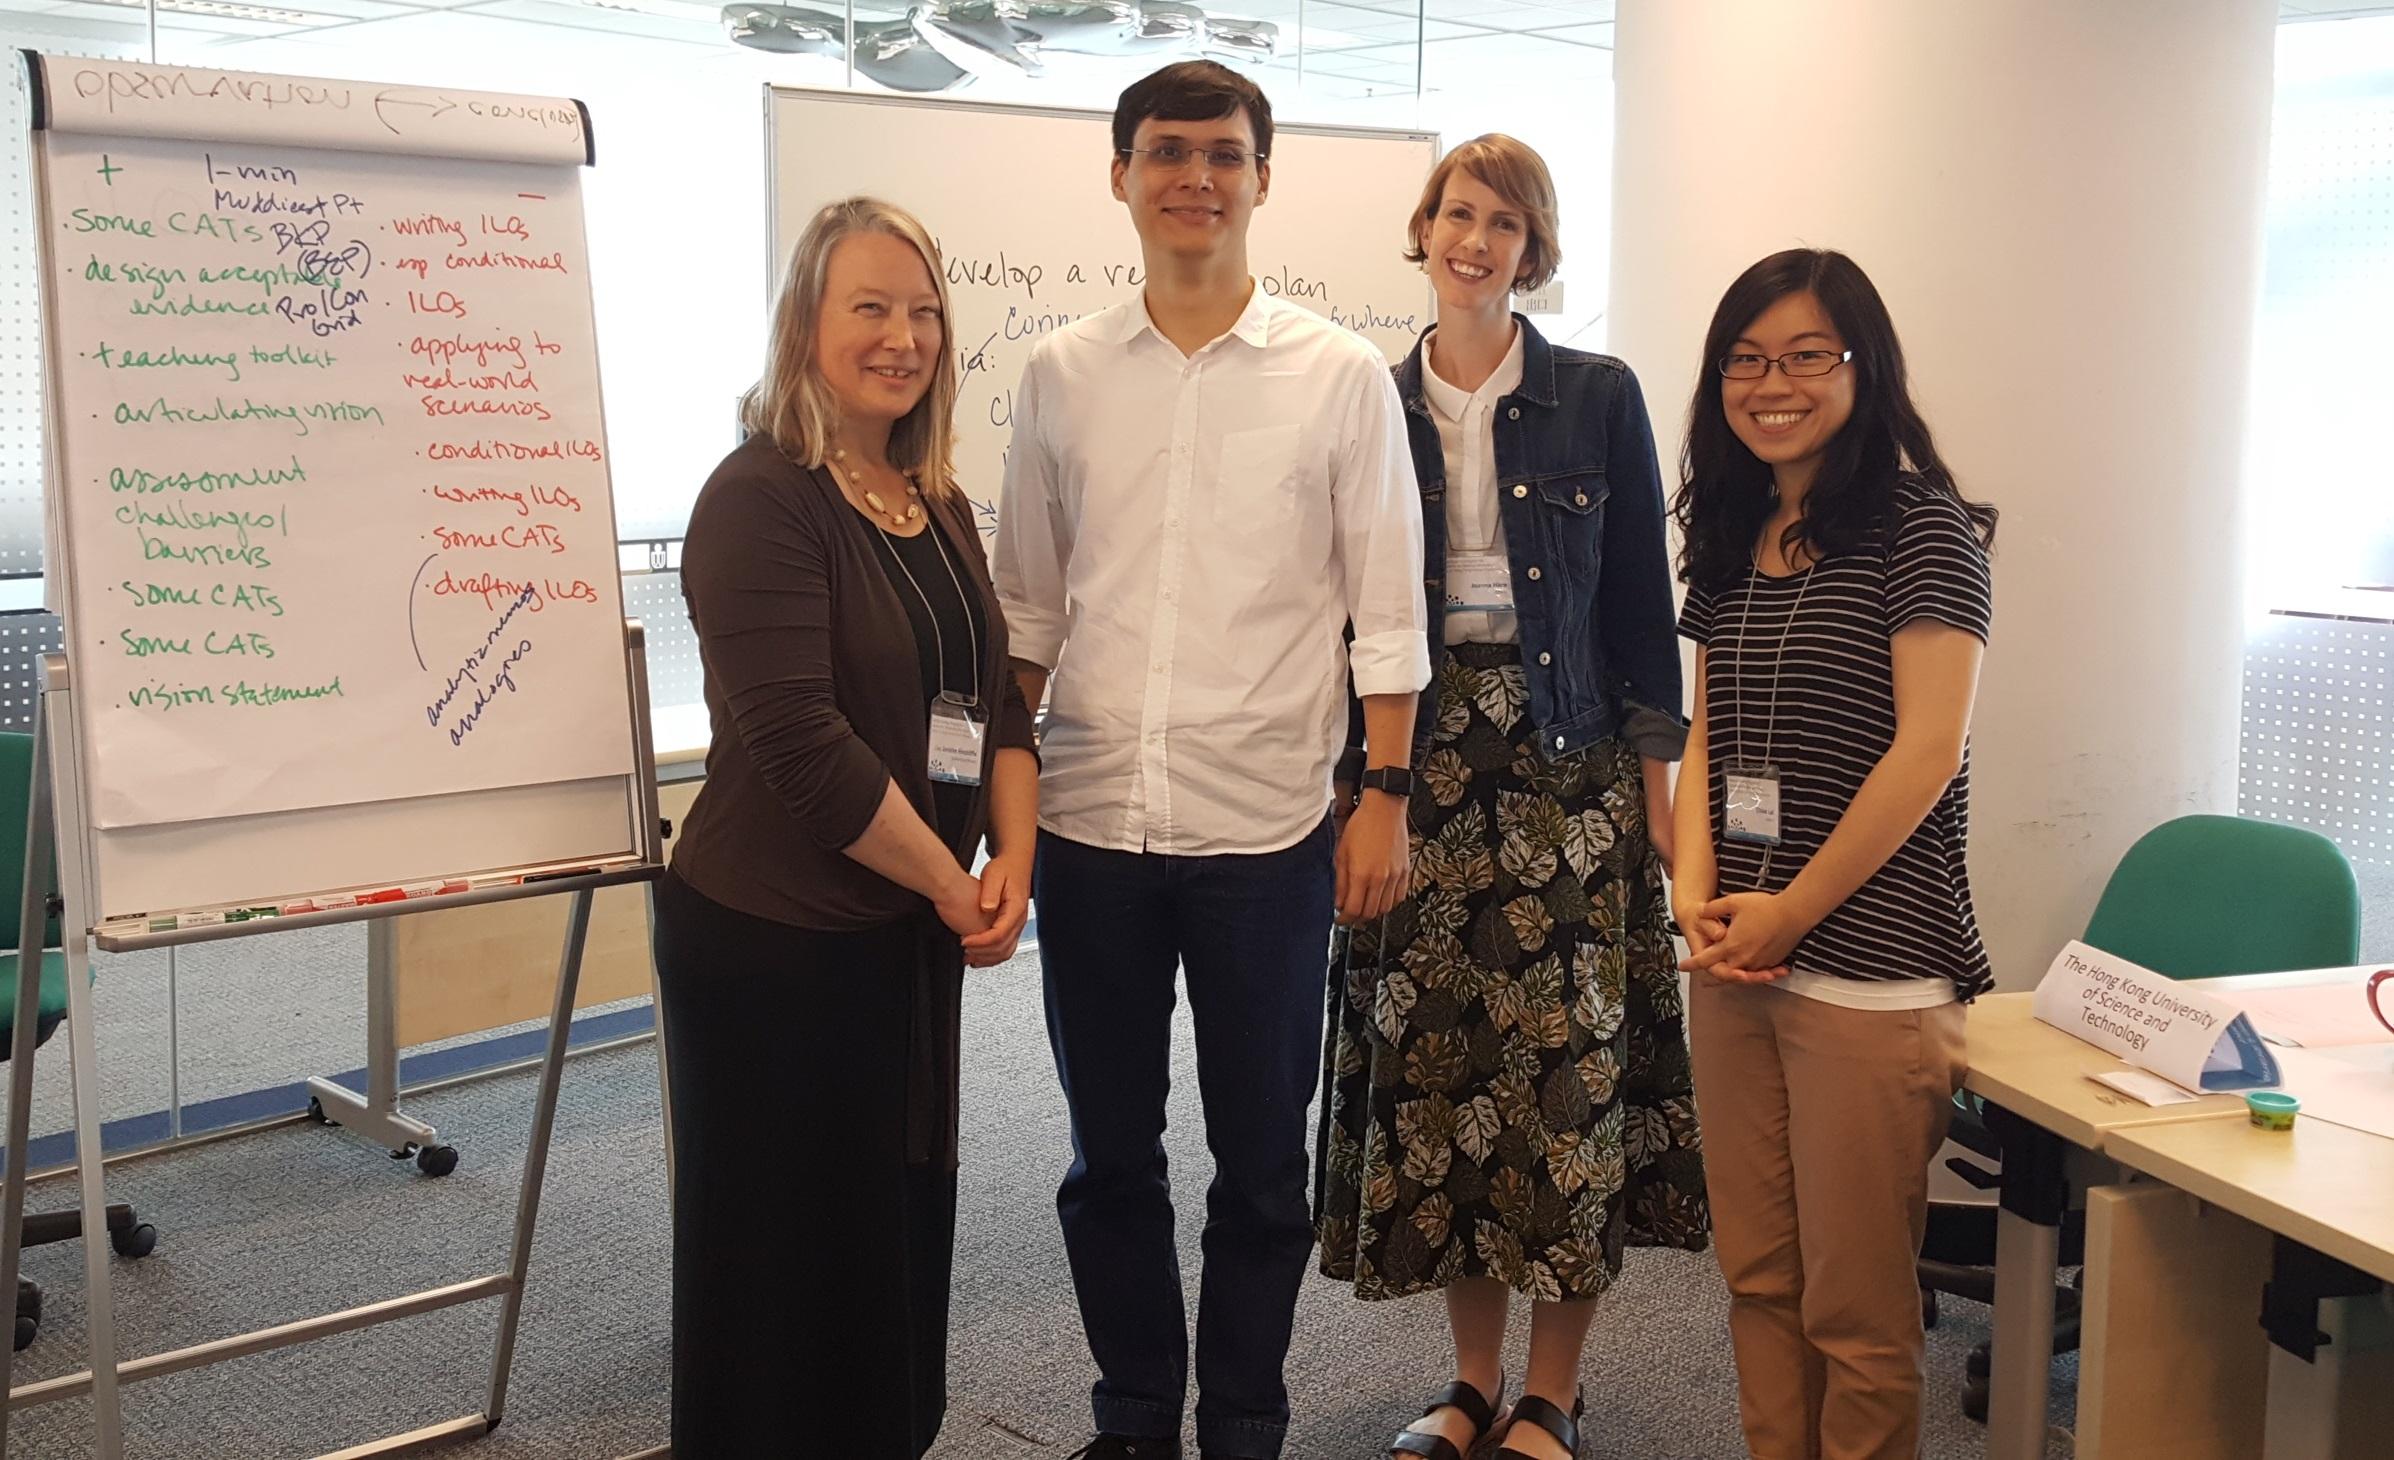 Lisa and HKLC contributors Chris, Jo, and Chloe